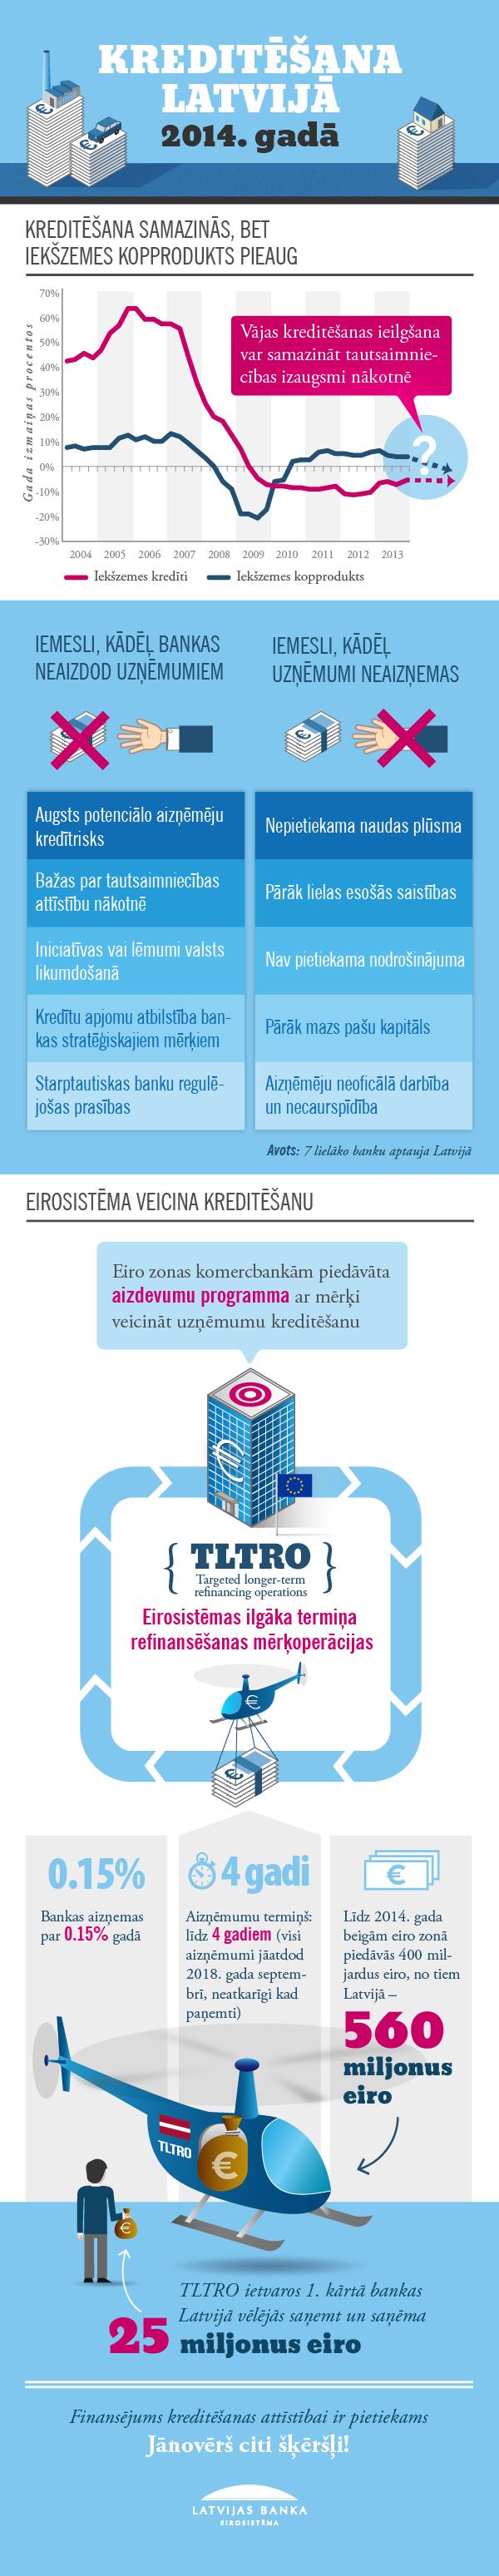 Infografika: Kreditēšana Latvijā 2014. gadā